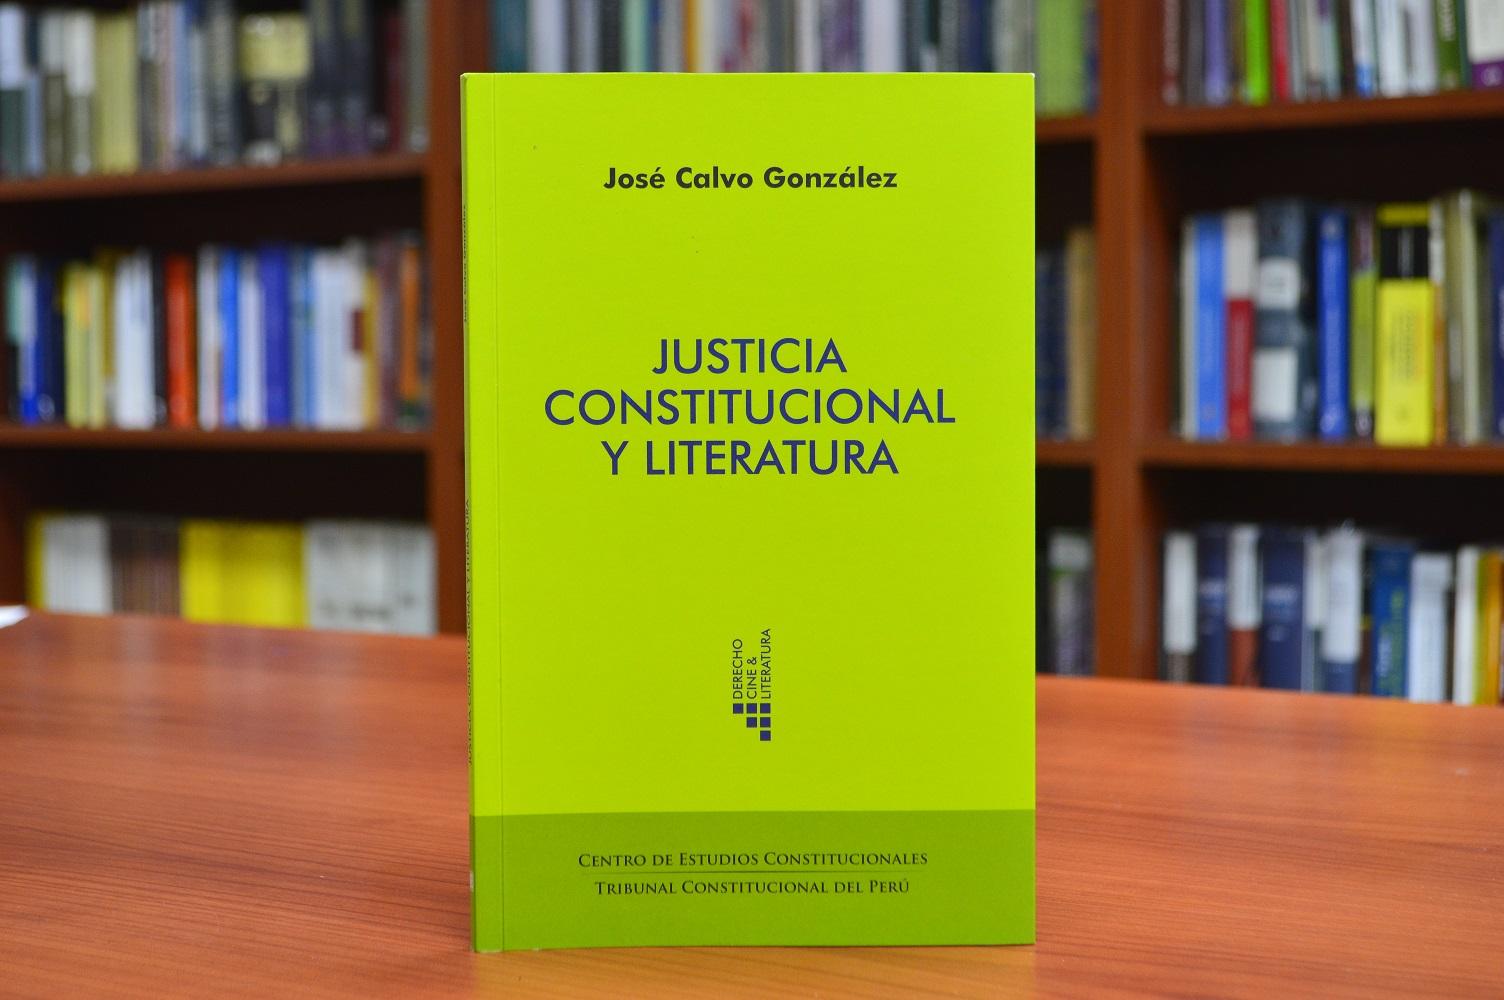 """""""Justicia constitucional y literatura"""", de José Calvo González, editado por el CEC del Tribunal Constitucional del Perú."""